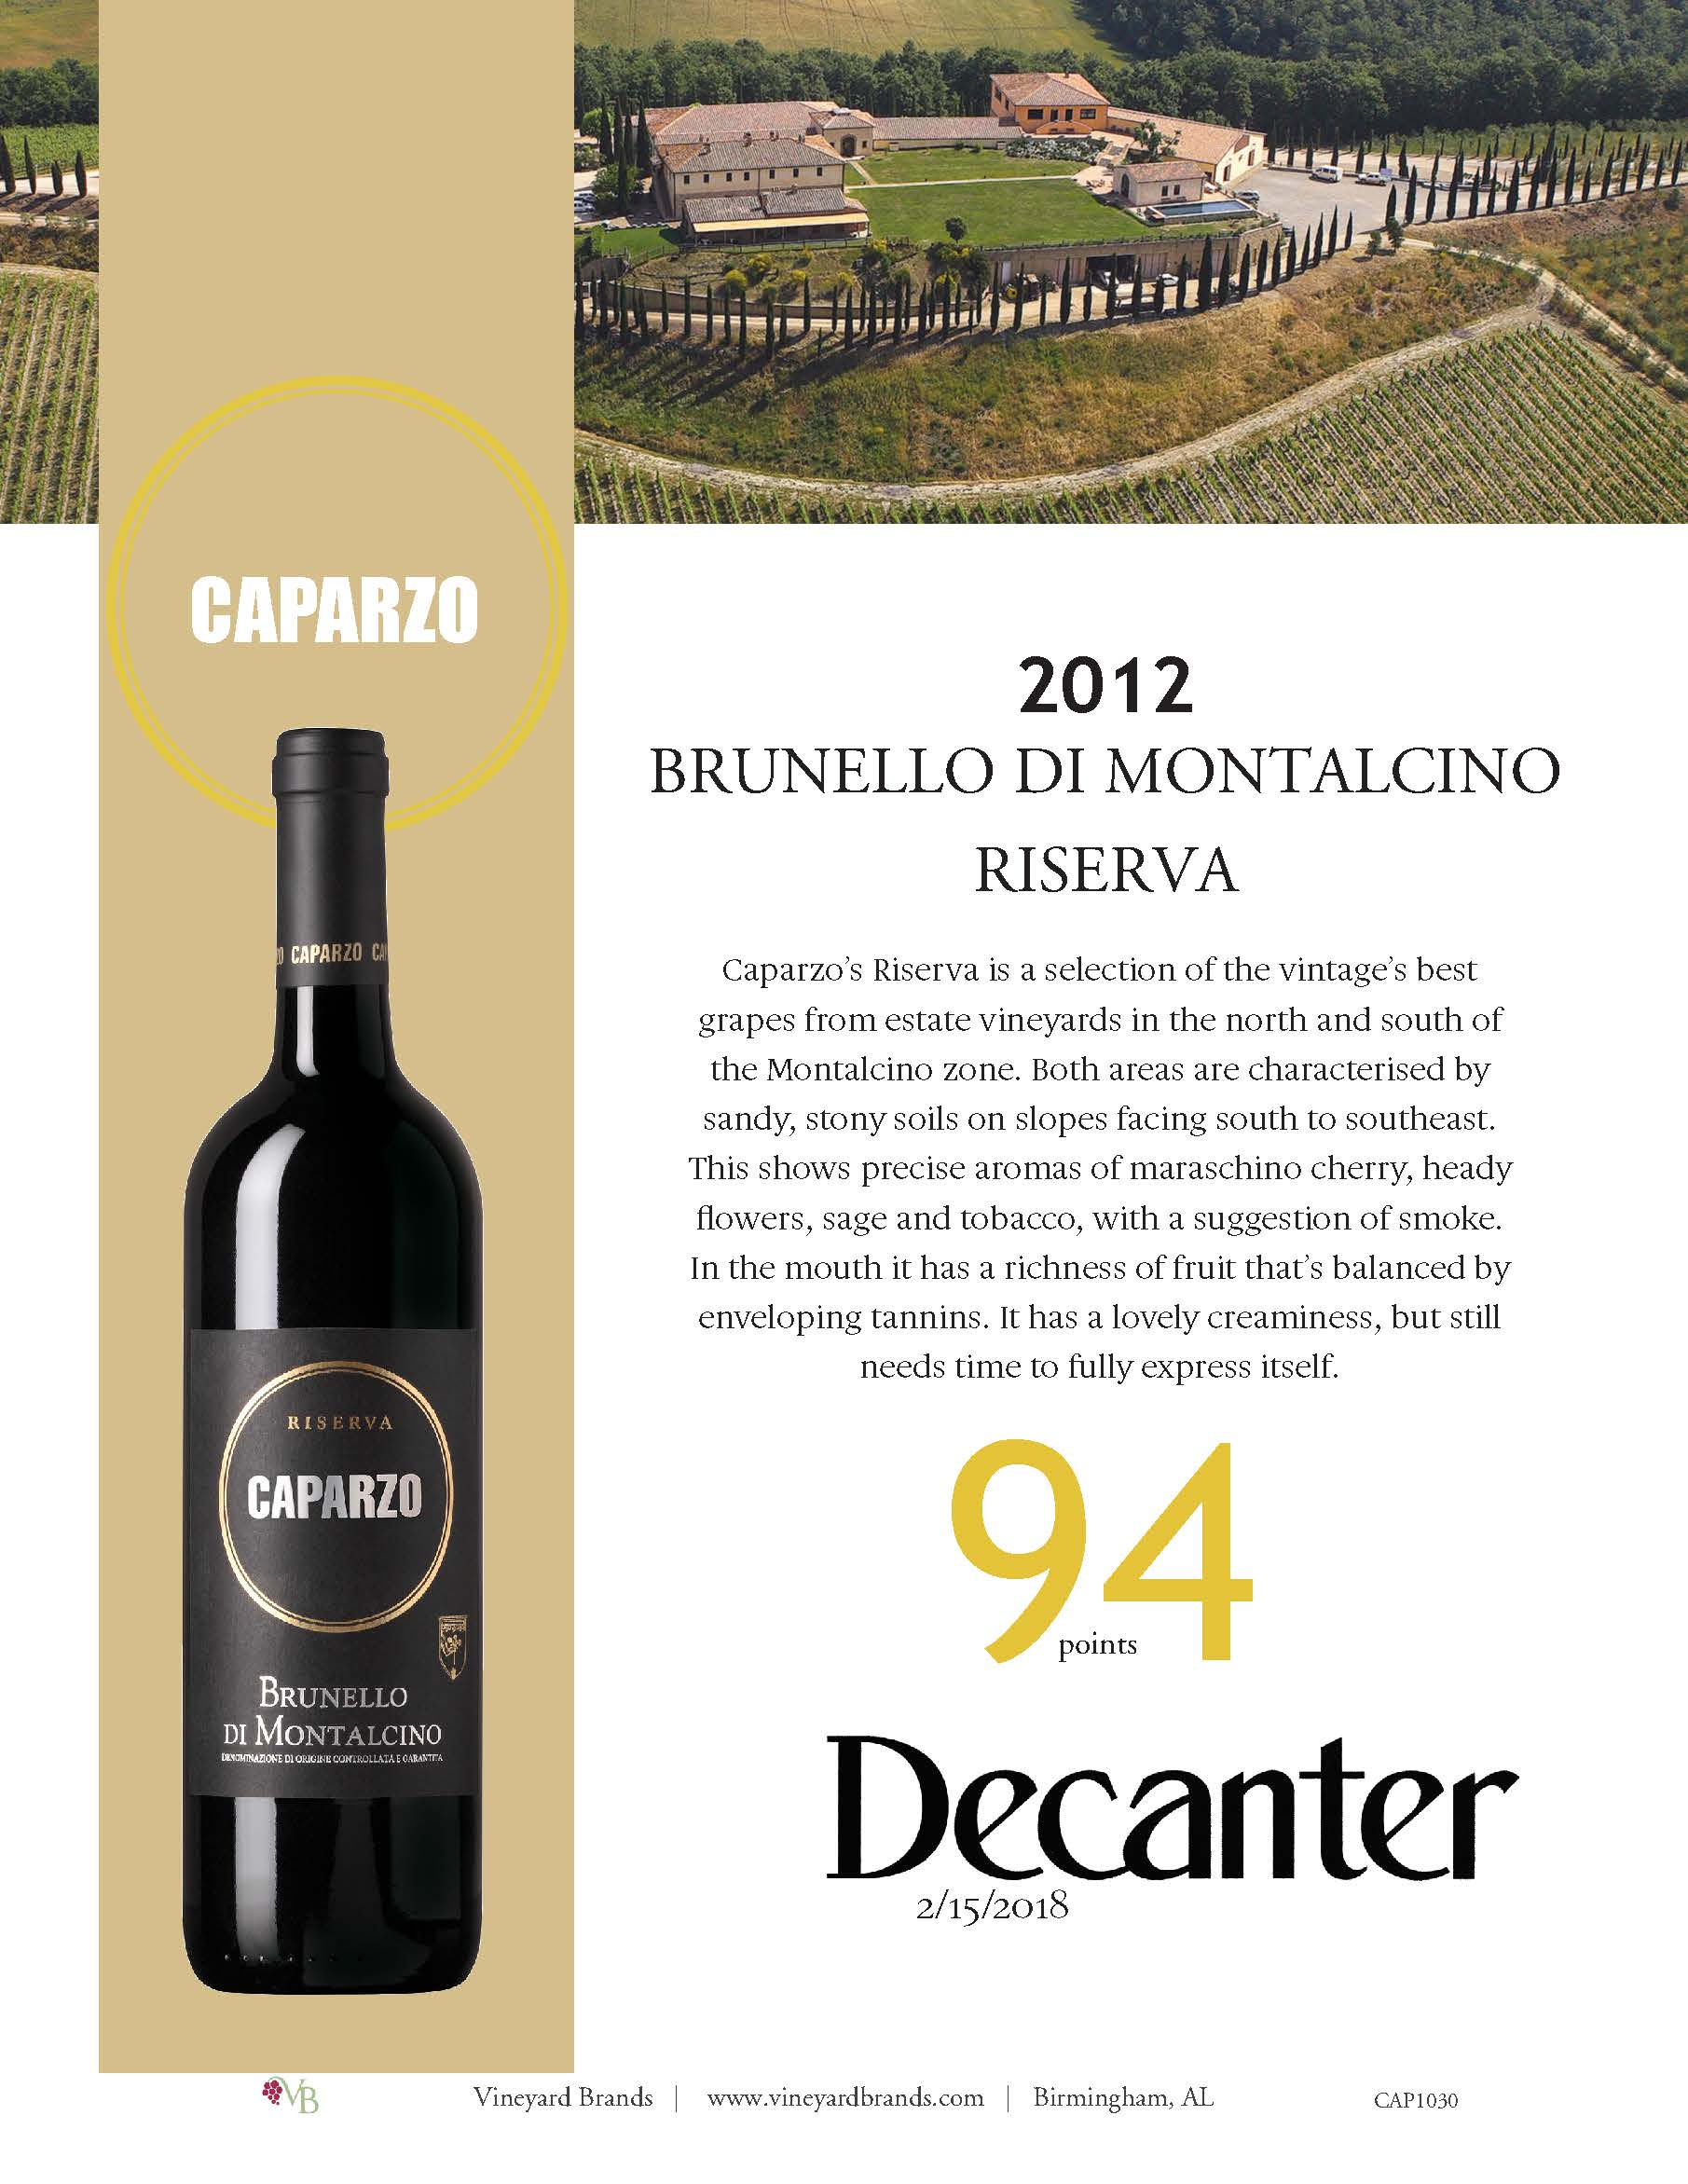 Caparzo Brunello Di Montalcino Reserva 2012.jpg